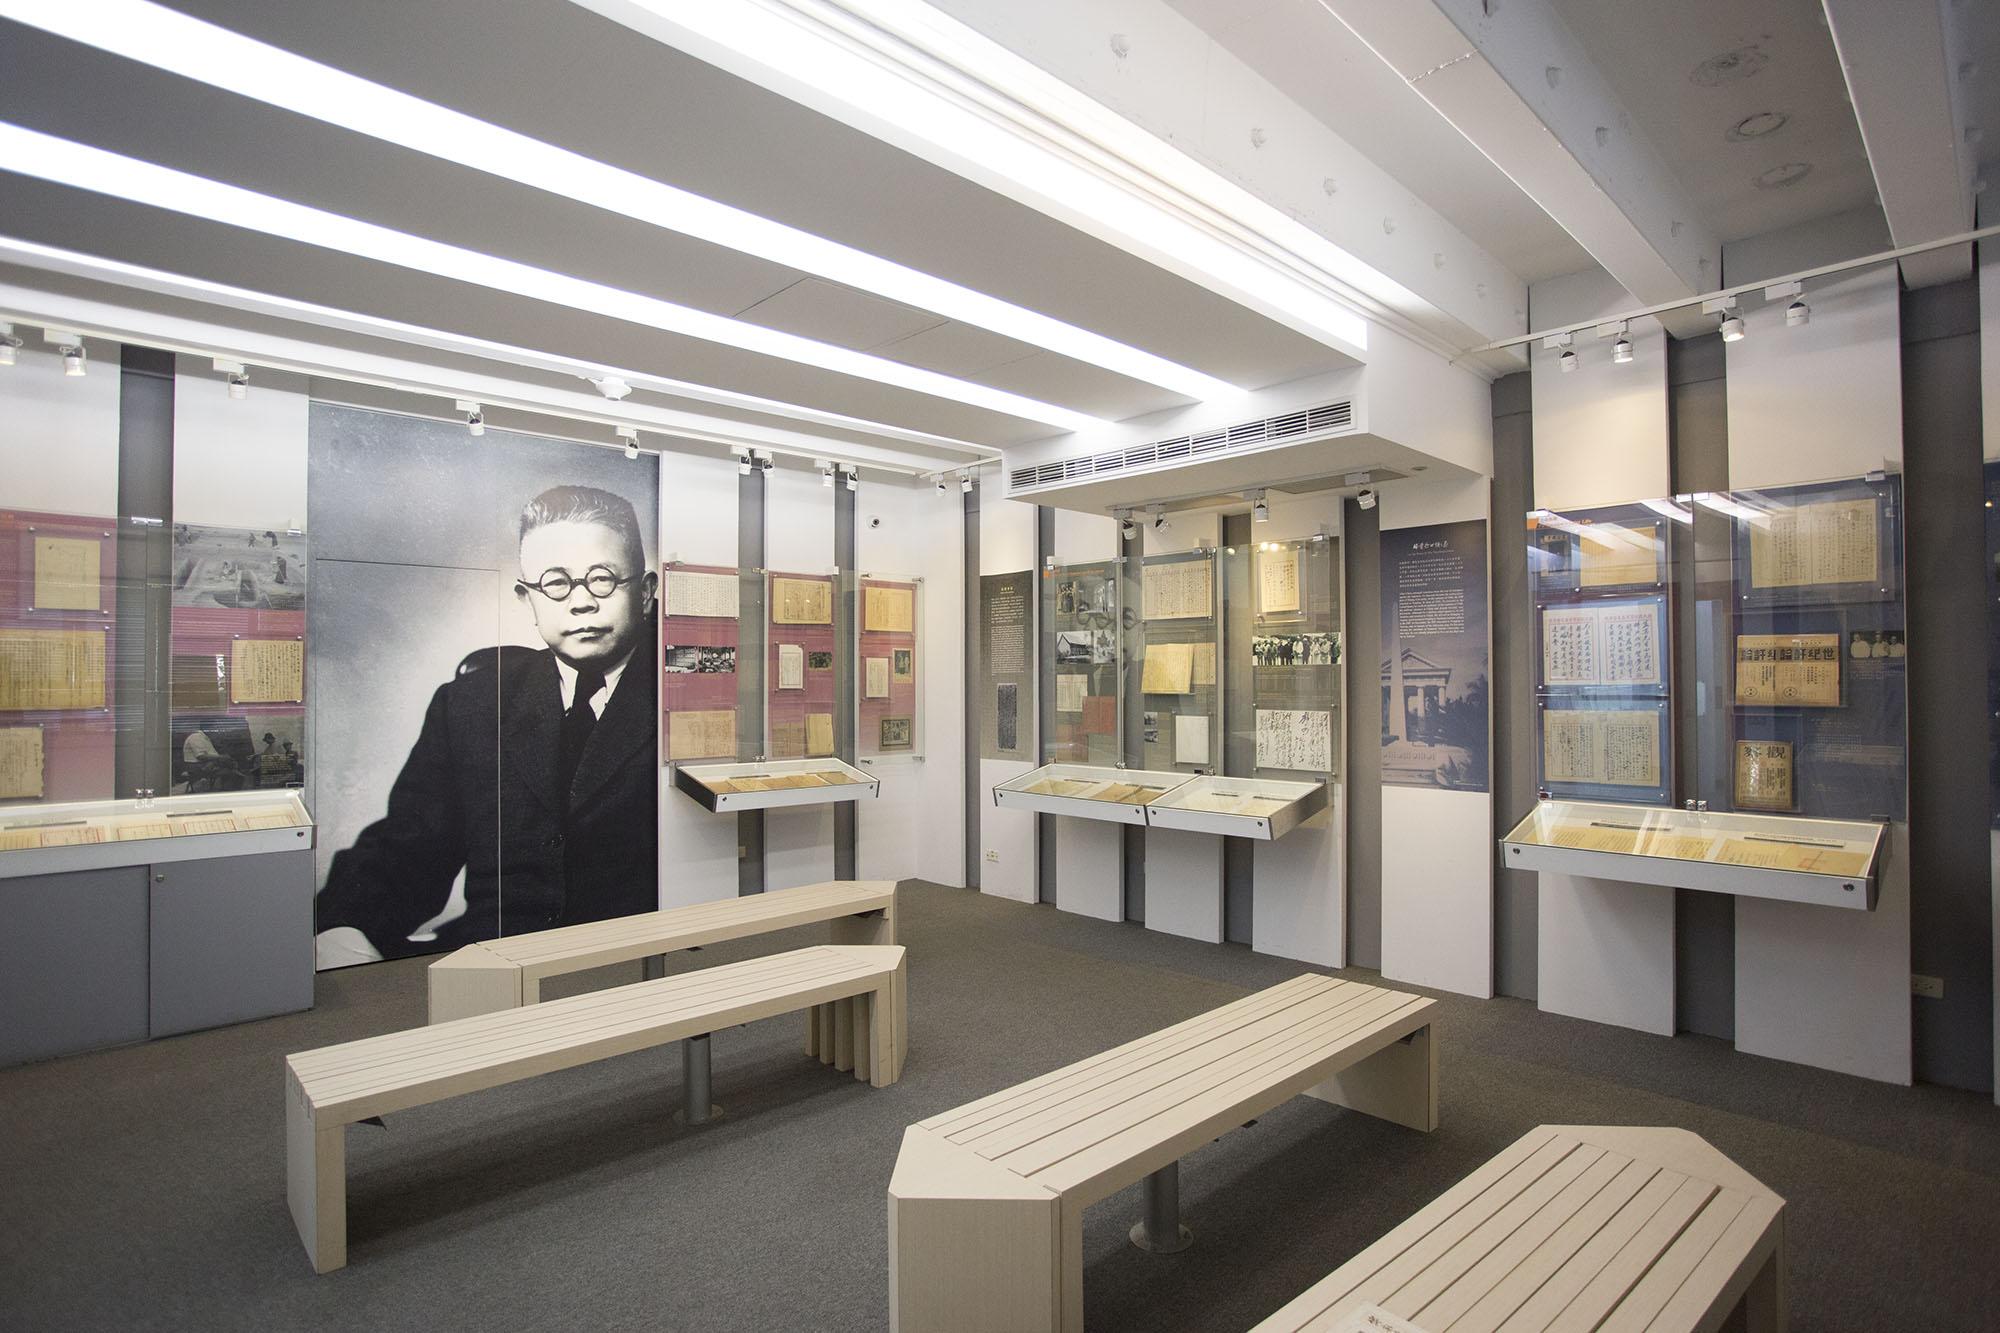 2018 年 10 月,中研院史語所將迎接創所 90 周年。傅斯年紀念室,正展出傅斯年一生的相片、手稿,包含:和好友徐志摩、胡適往來的書信,與蔣介石、毛澤東的合照等等。 攝影│張語辰